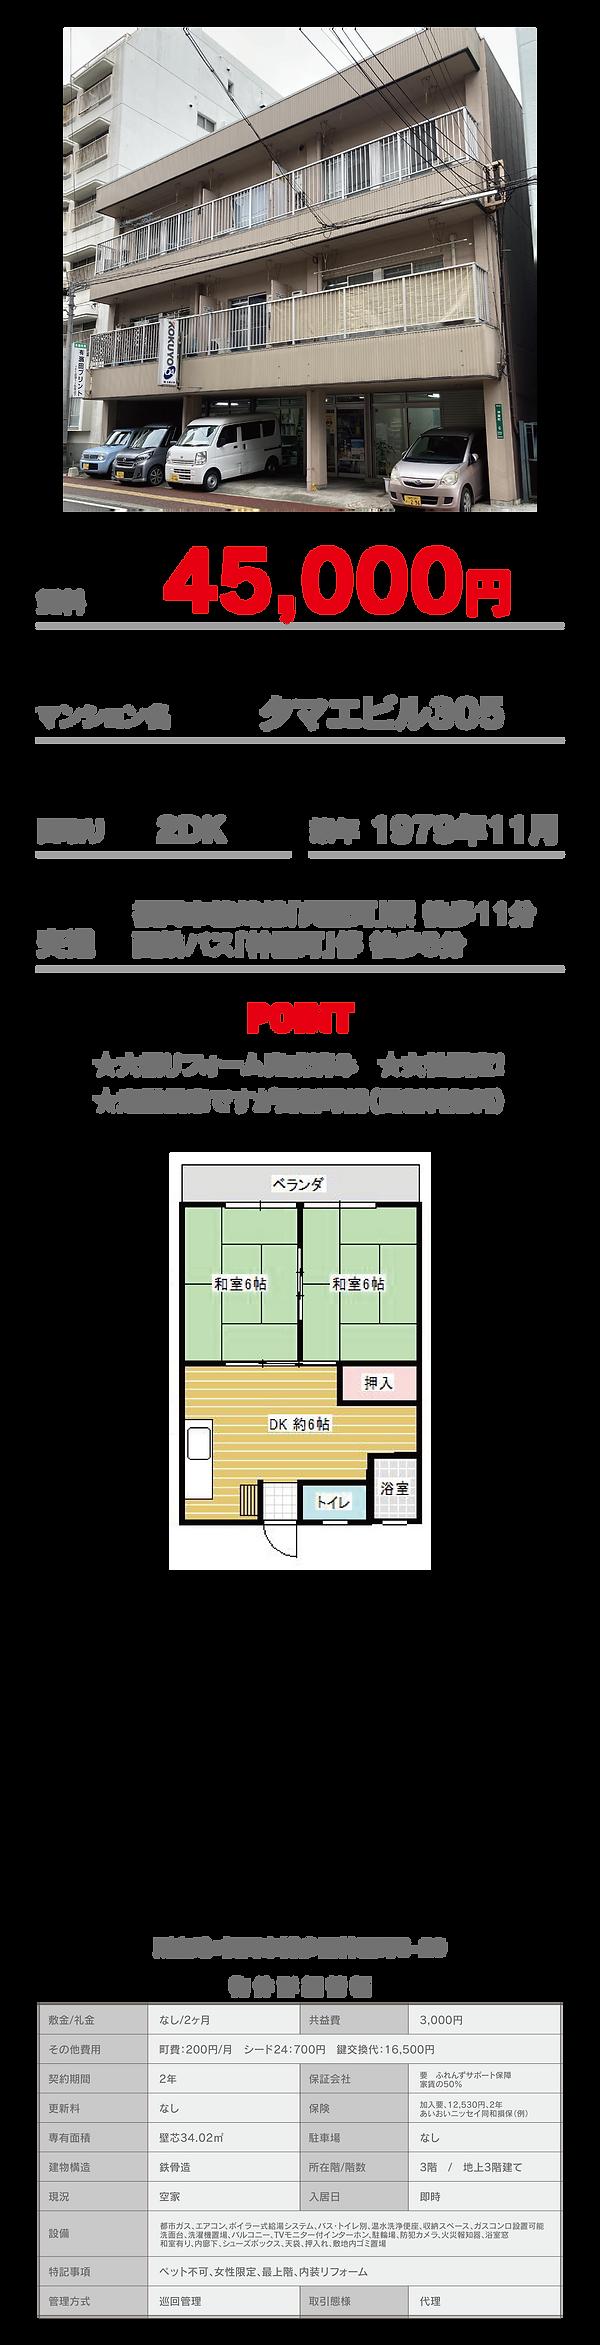 シティエステート様_タマエビル-01.png